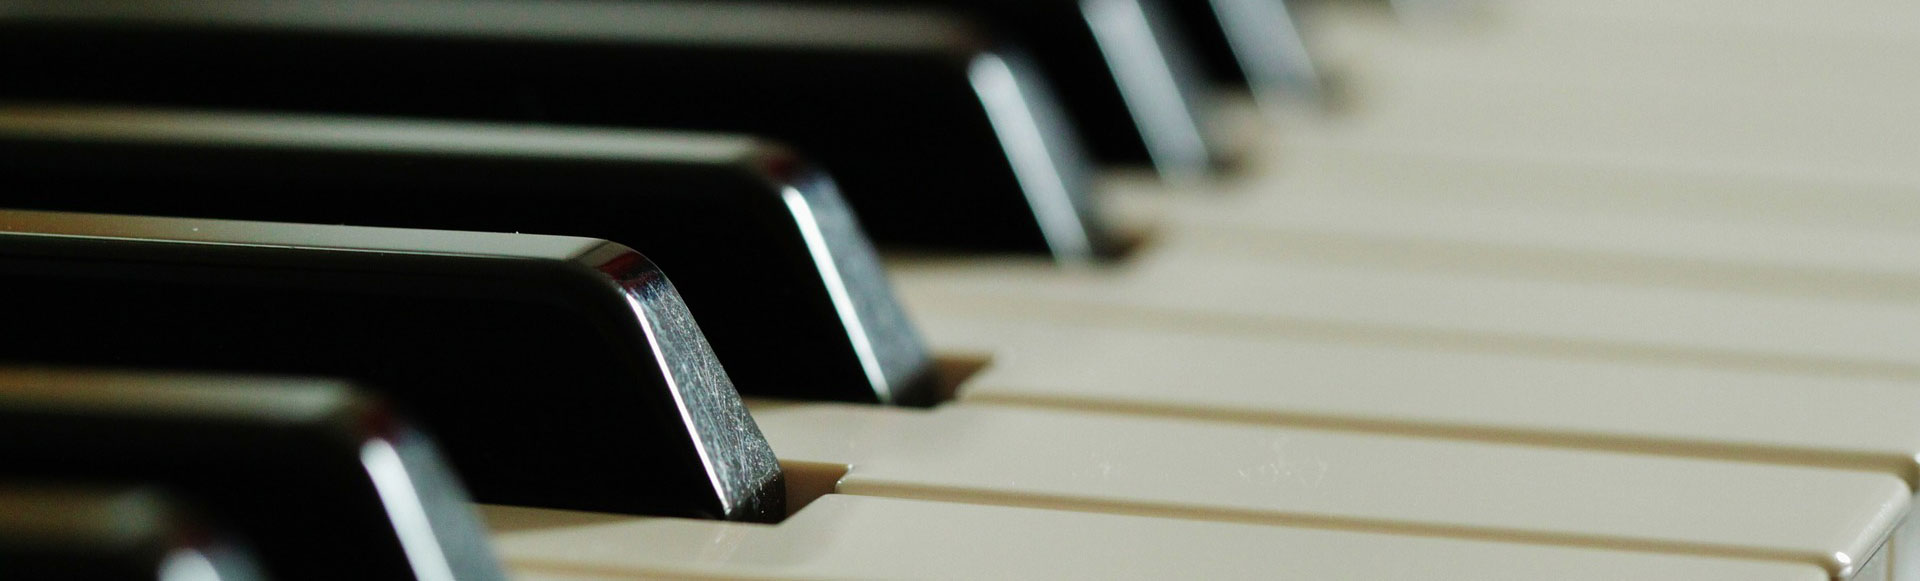 音楽アーティスト応援サイト ホームページ1年目 5,000円/月、2年目より更新料のみ月額2,000円